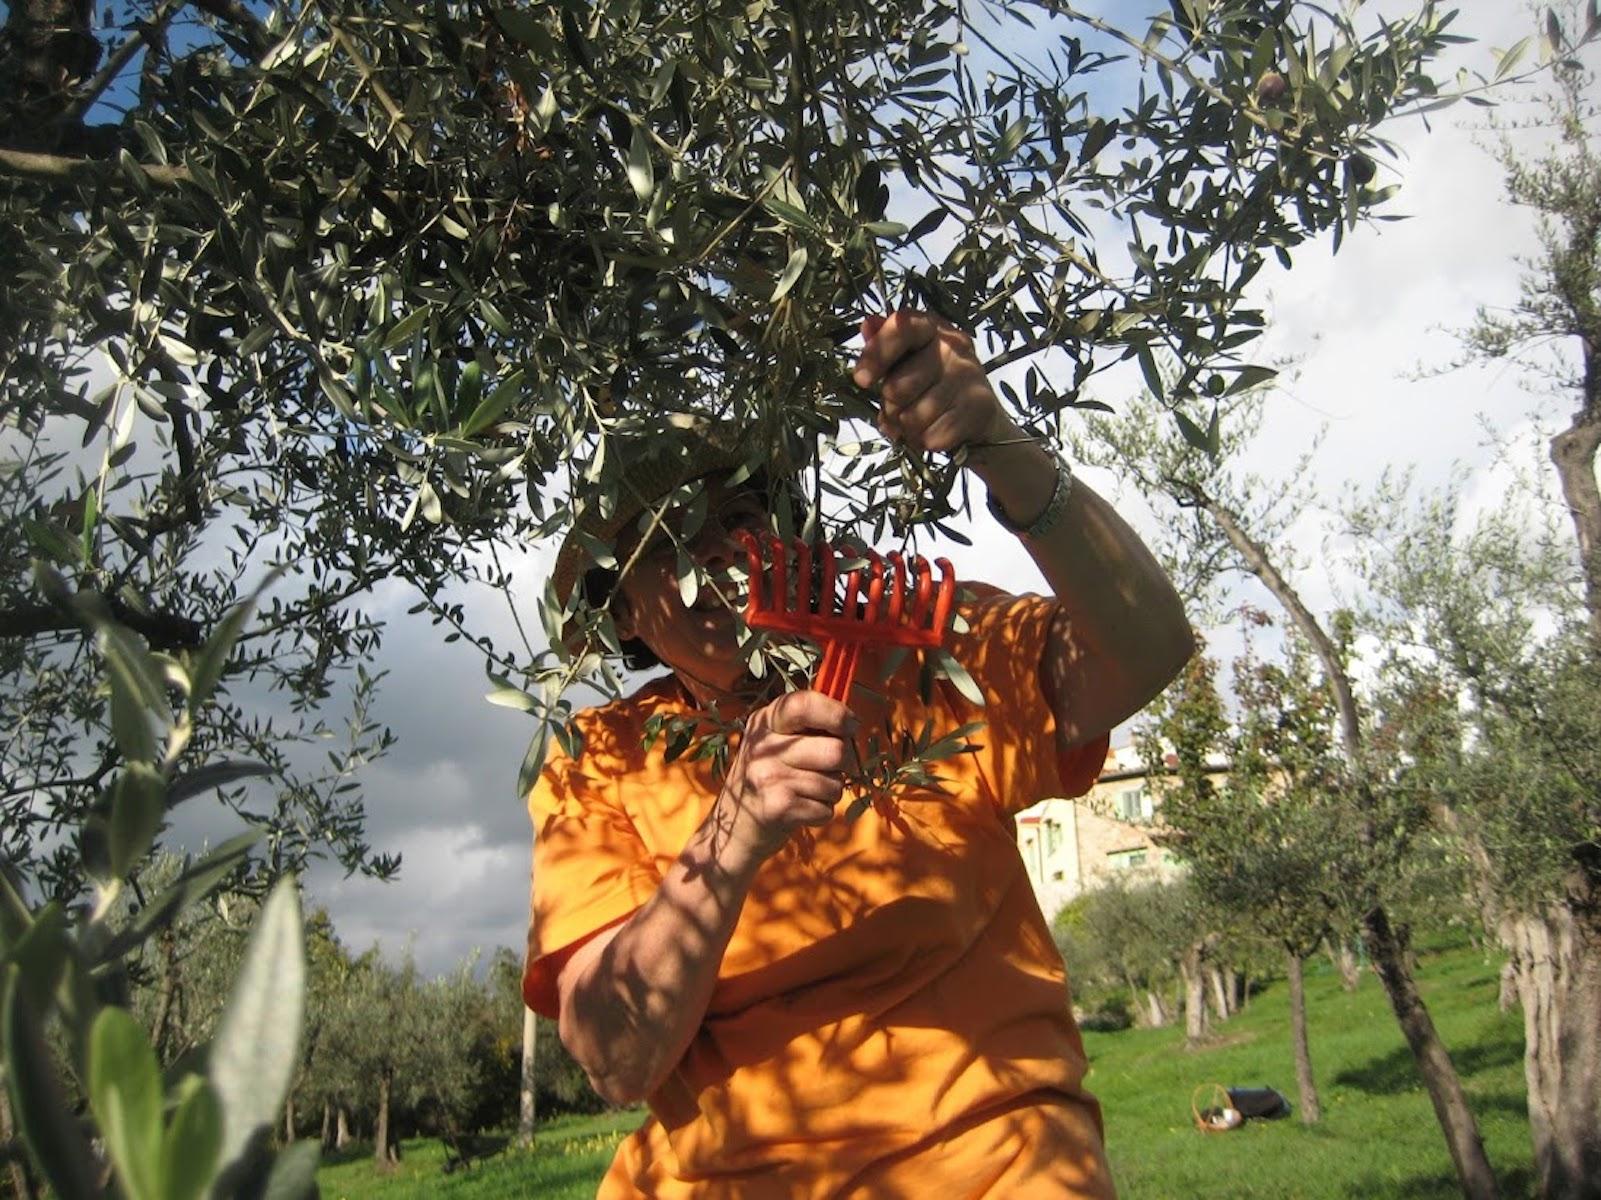 raccolta olive a mano, Florence Villa Violetta